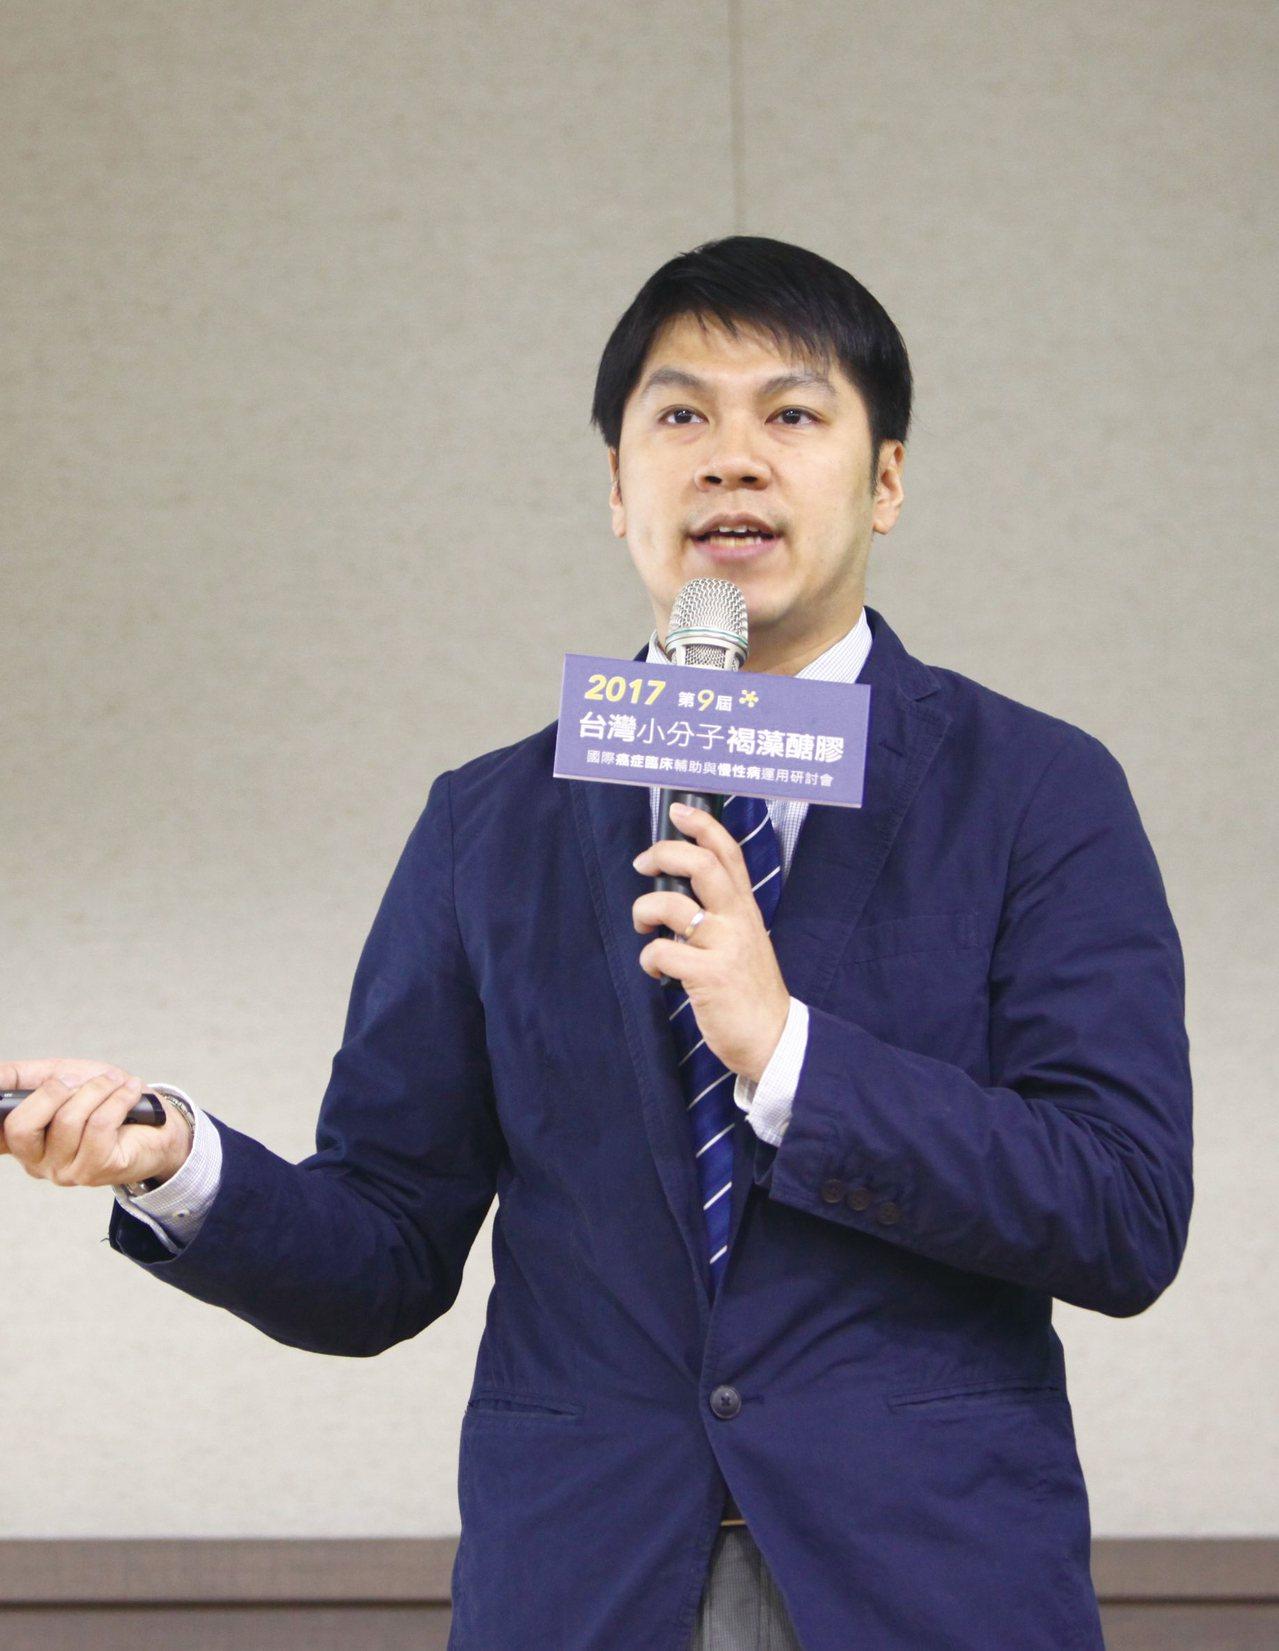 台北醫學大學保健營養學系副教授夏詩閔。 台灣褐藻醣膠發展學會/提供